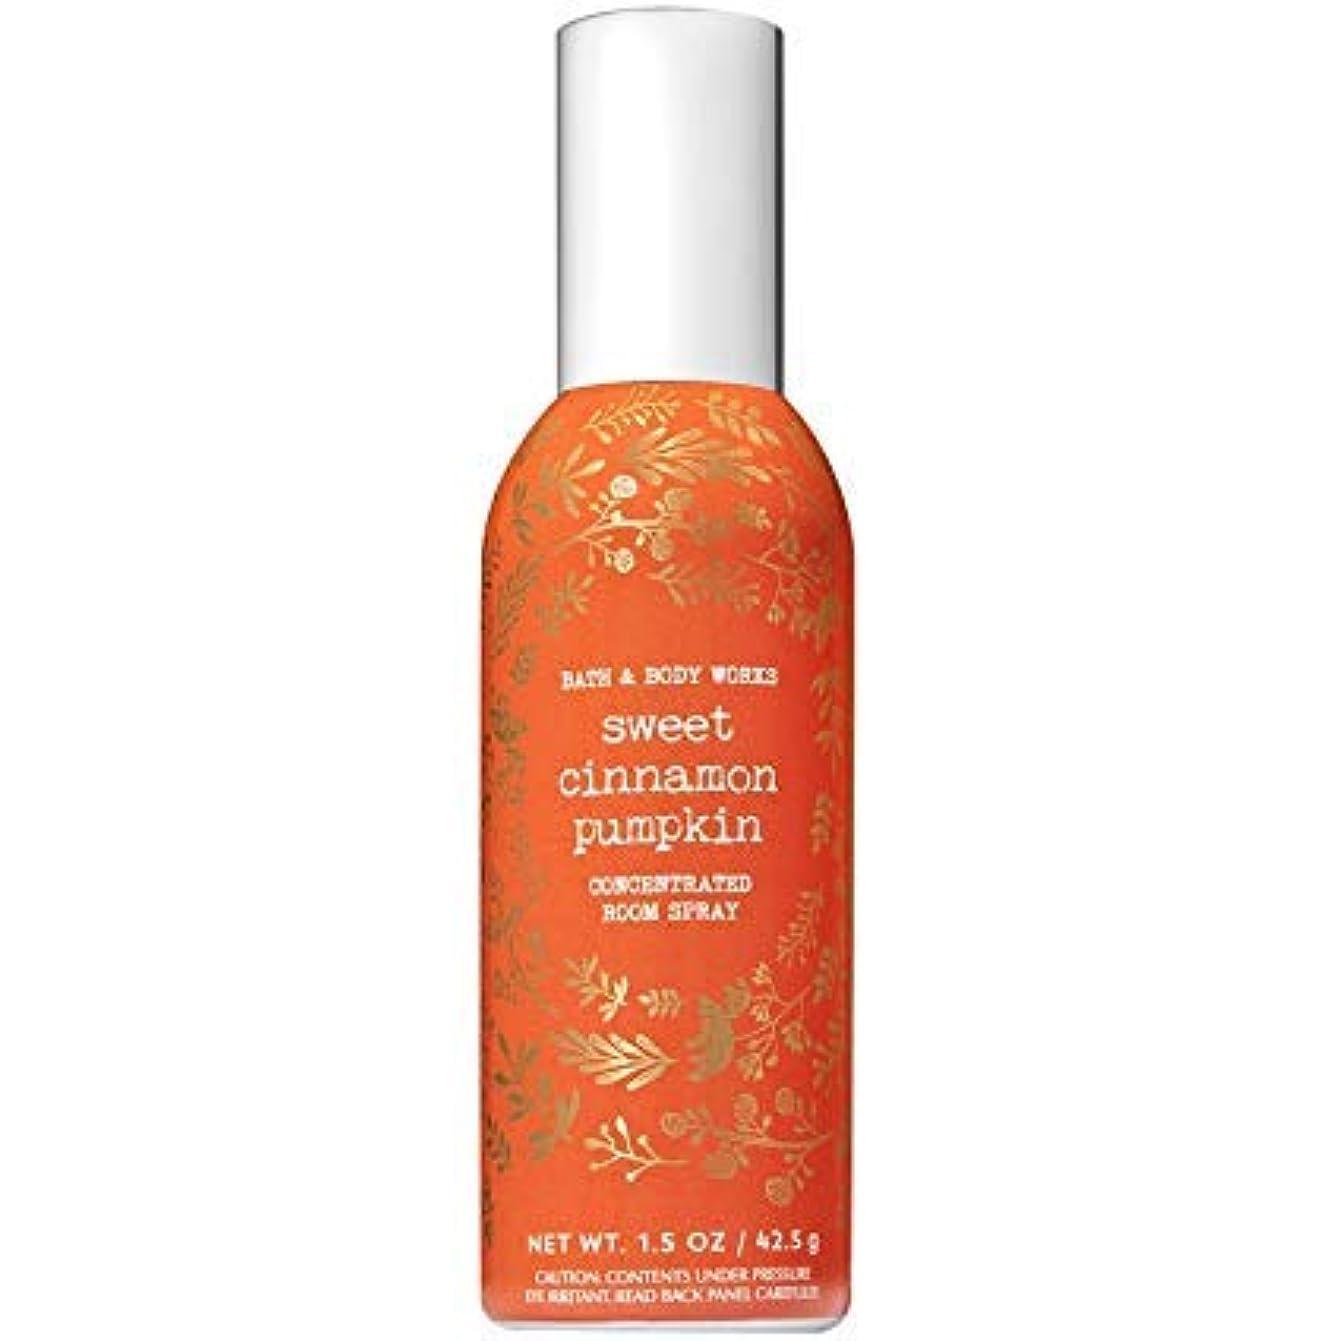 バブル嬉しいです民兵【Bath&Body Works/バス&ボディワークス】 ルームスプレー スイートシナモンパンプキン 1.5 oz. Concentrated Room Spray/Room Perfume Sweet Cinnamon Pumpkin [並行輸入品]